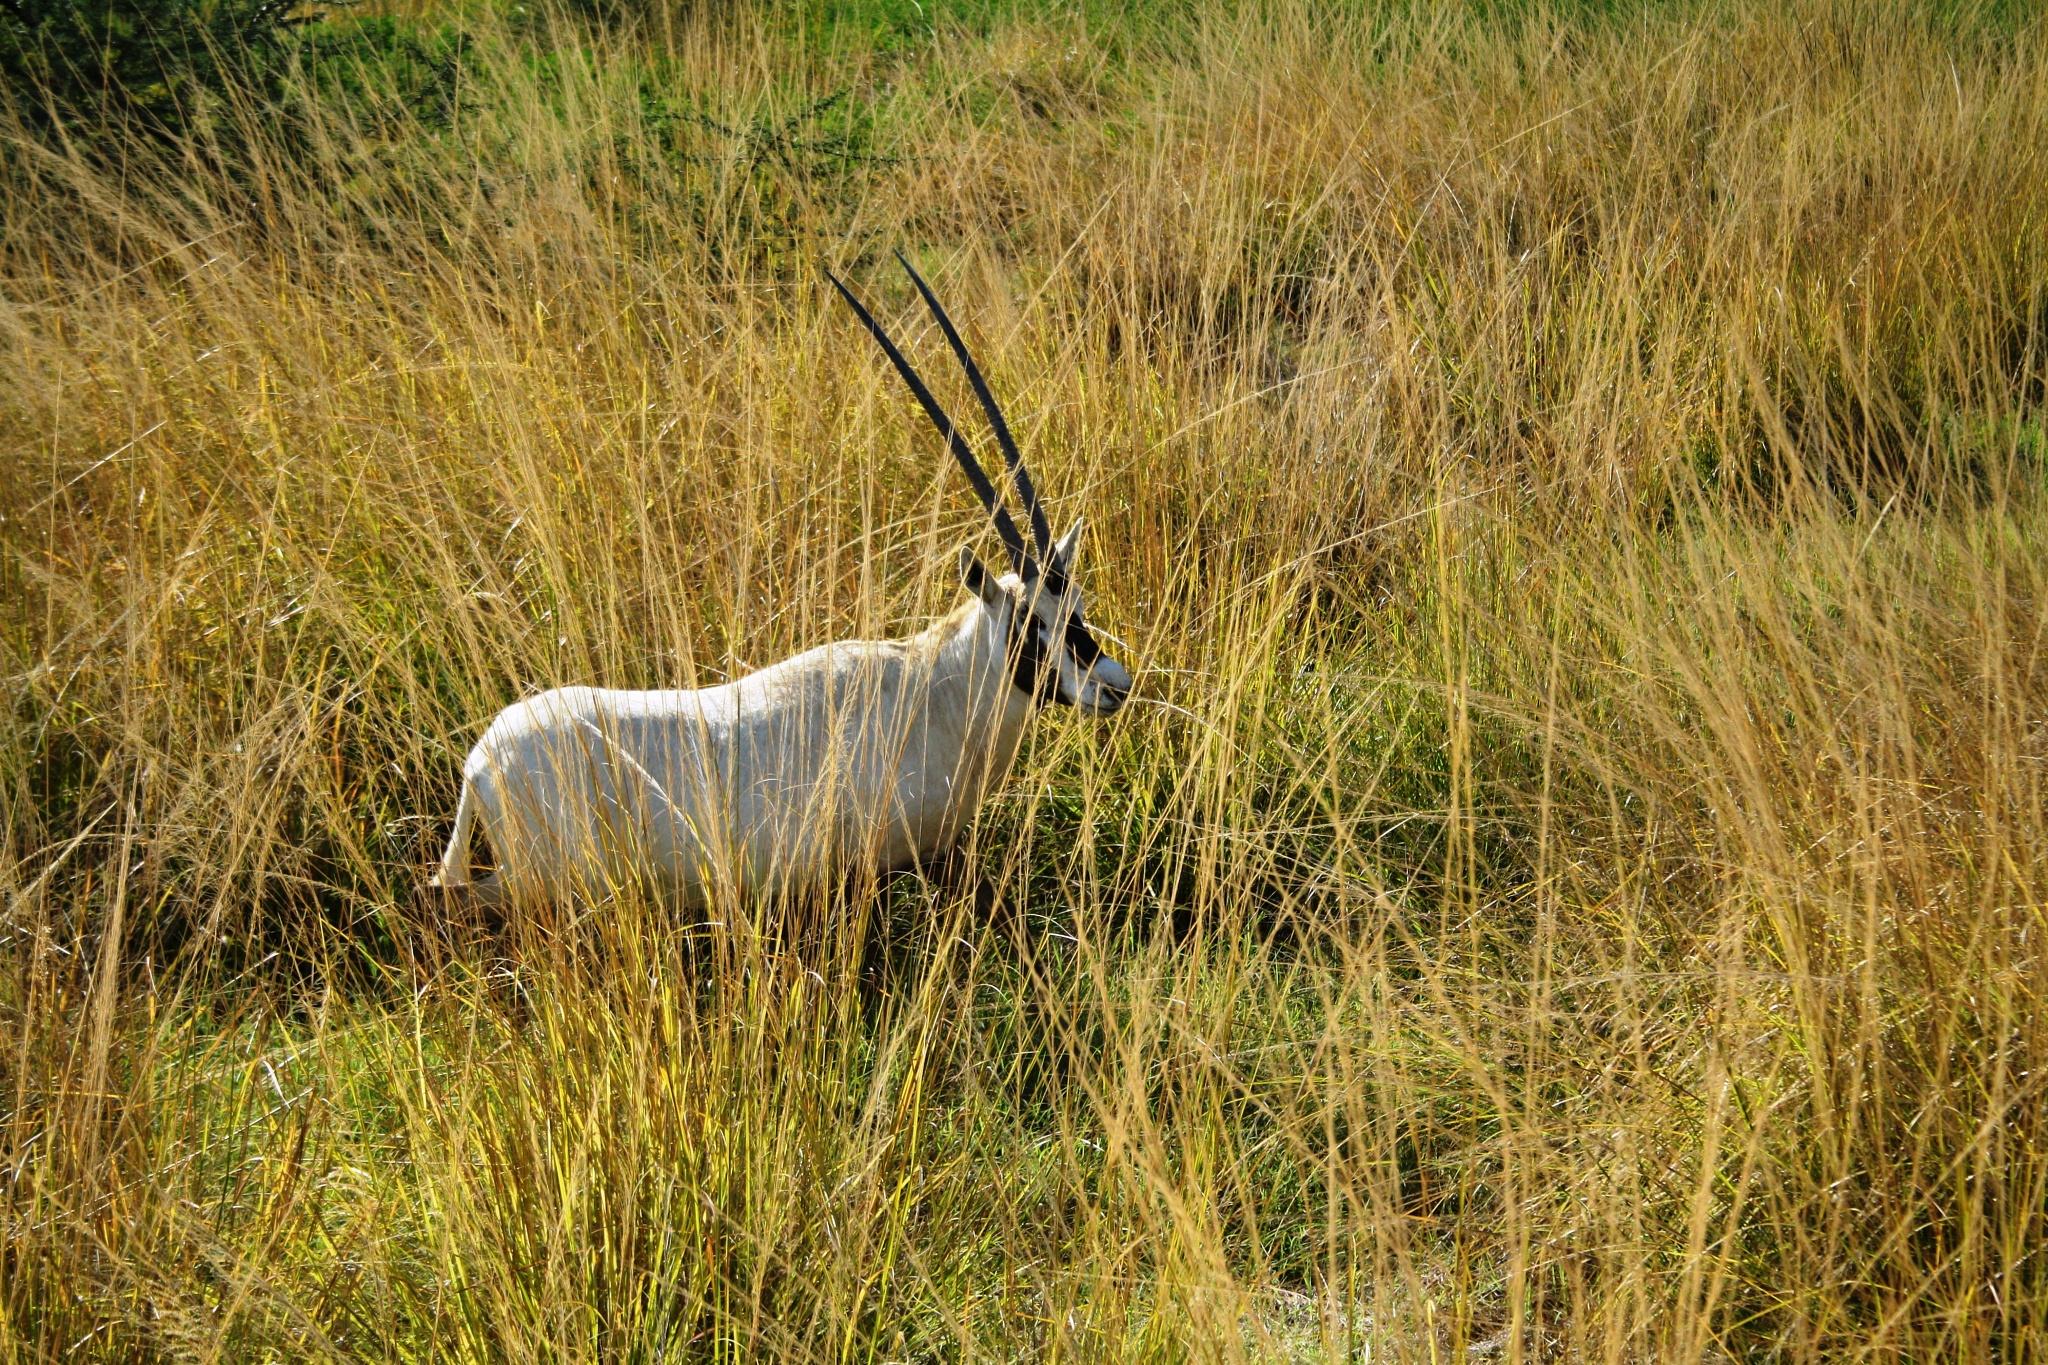 oryx by Zaid Ibrahim